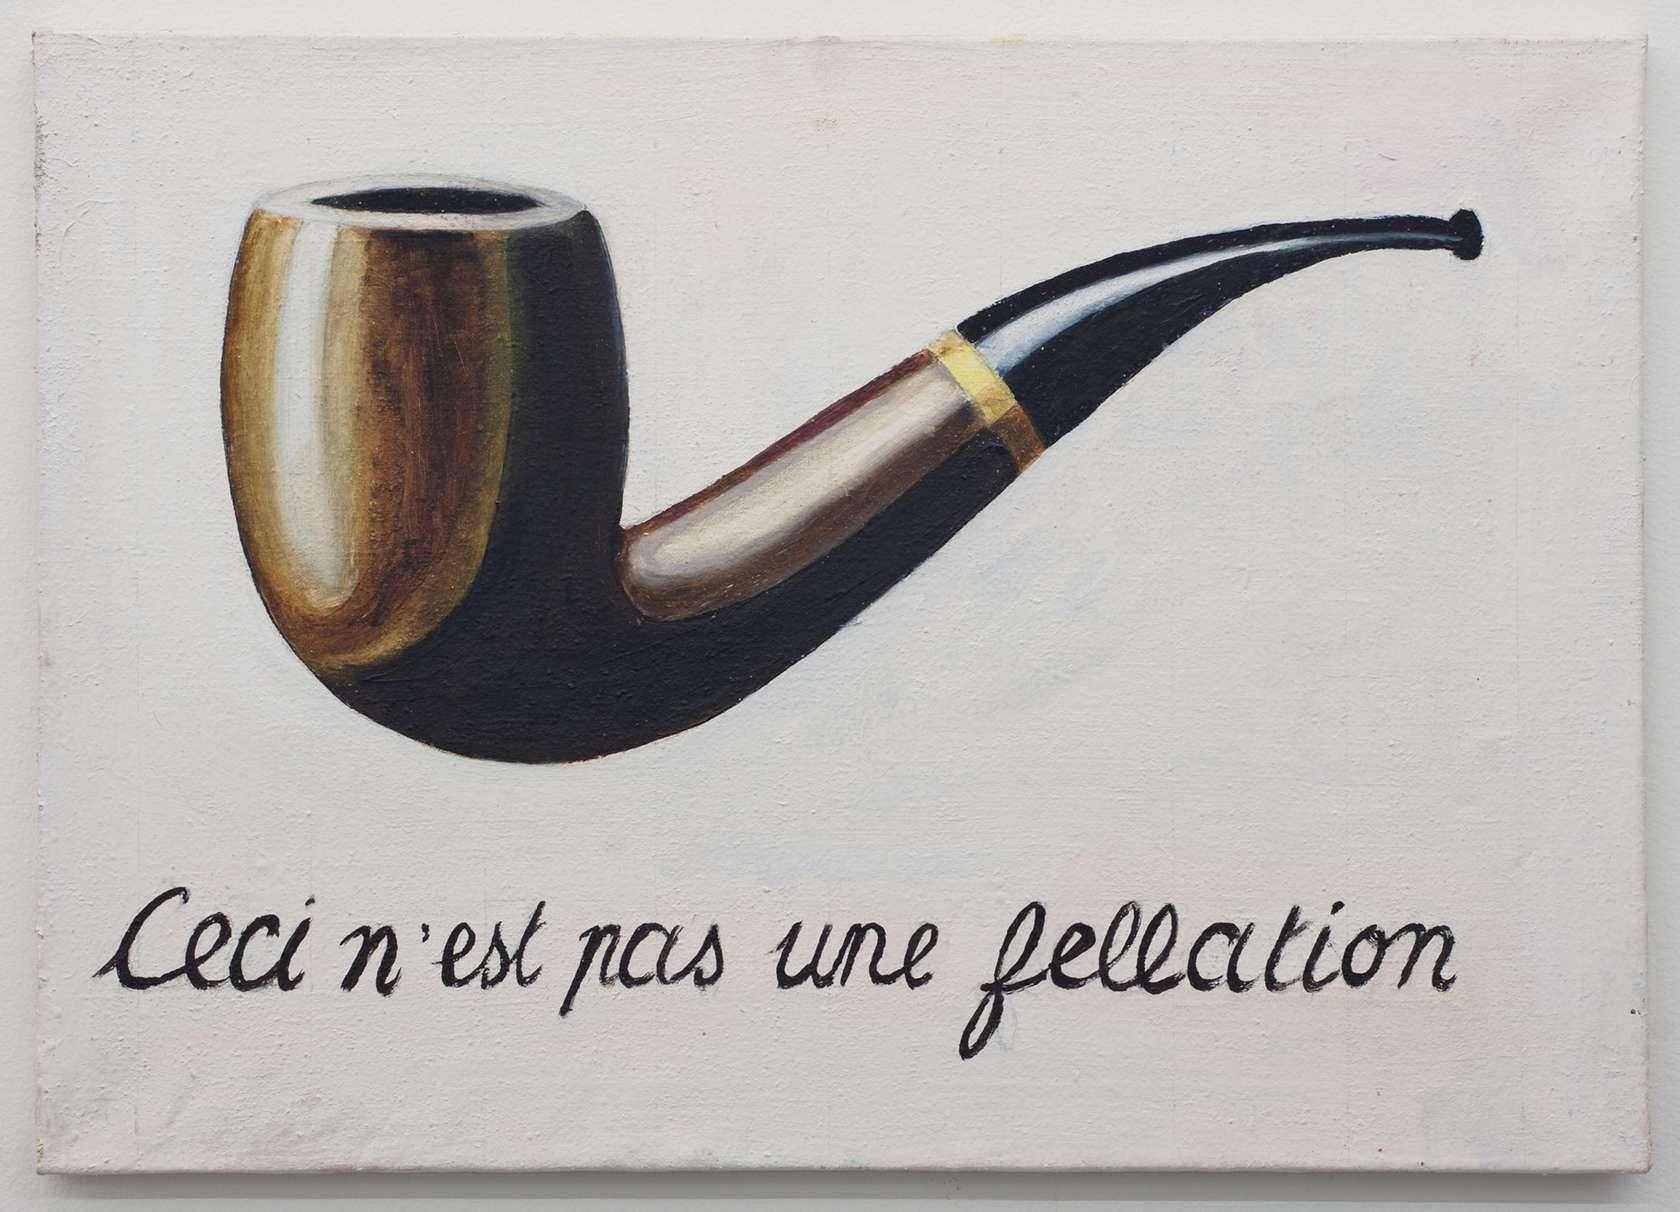 Présence Panchounette, Ceci n'est pas une fellation, 1979 Acrylique sur toile46 x 65 cm / 18 1/8 x 25 5/8 inches